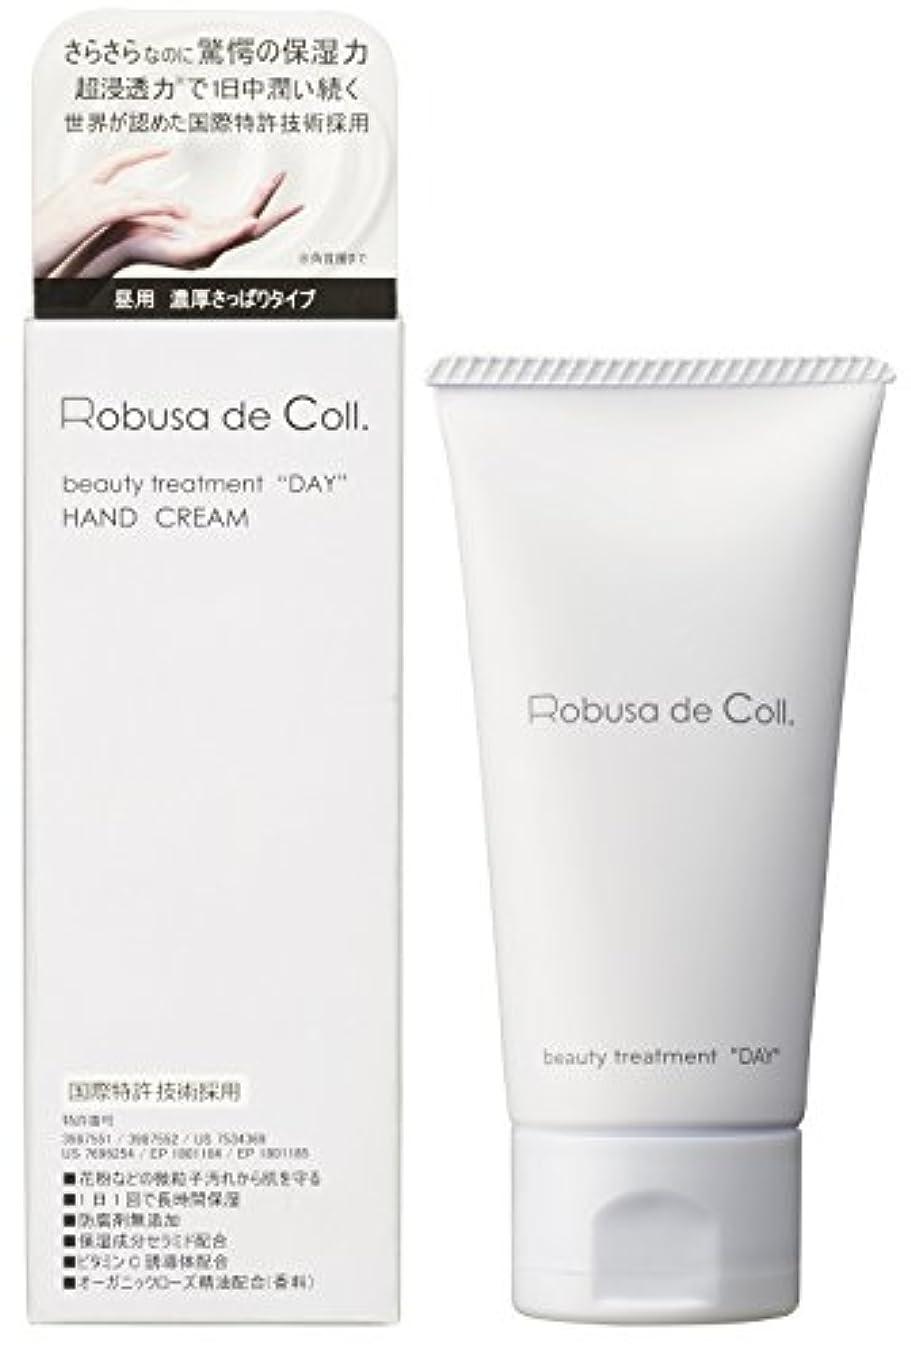 インスタント鳥海里Robusa de Coll. (ロブサデコル) デイケアクリーム (ハンドクリーム) 60g (皮膚保護クリーム 乾燥 敏感肌用)